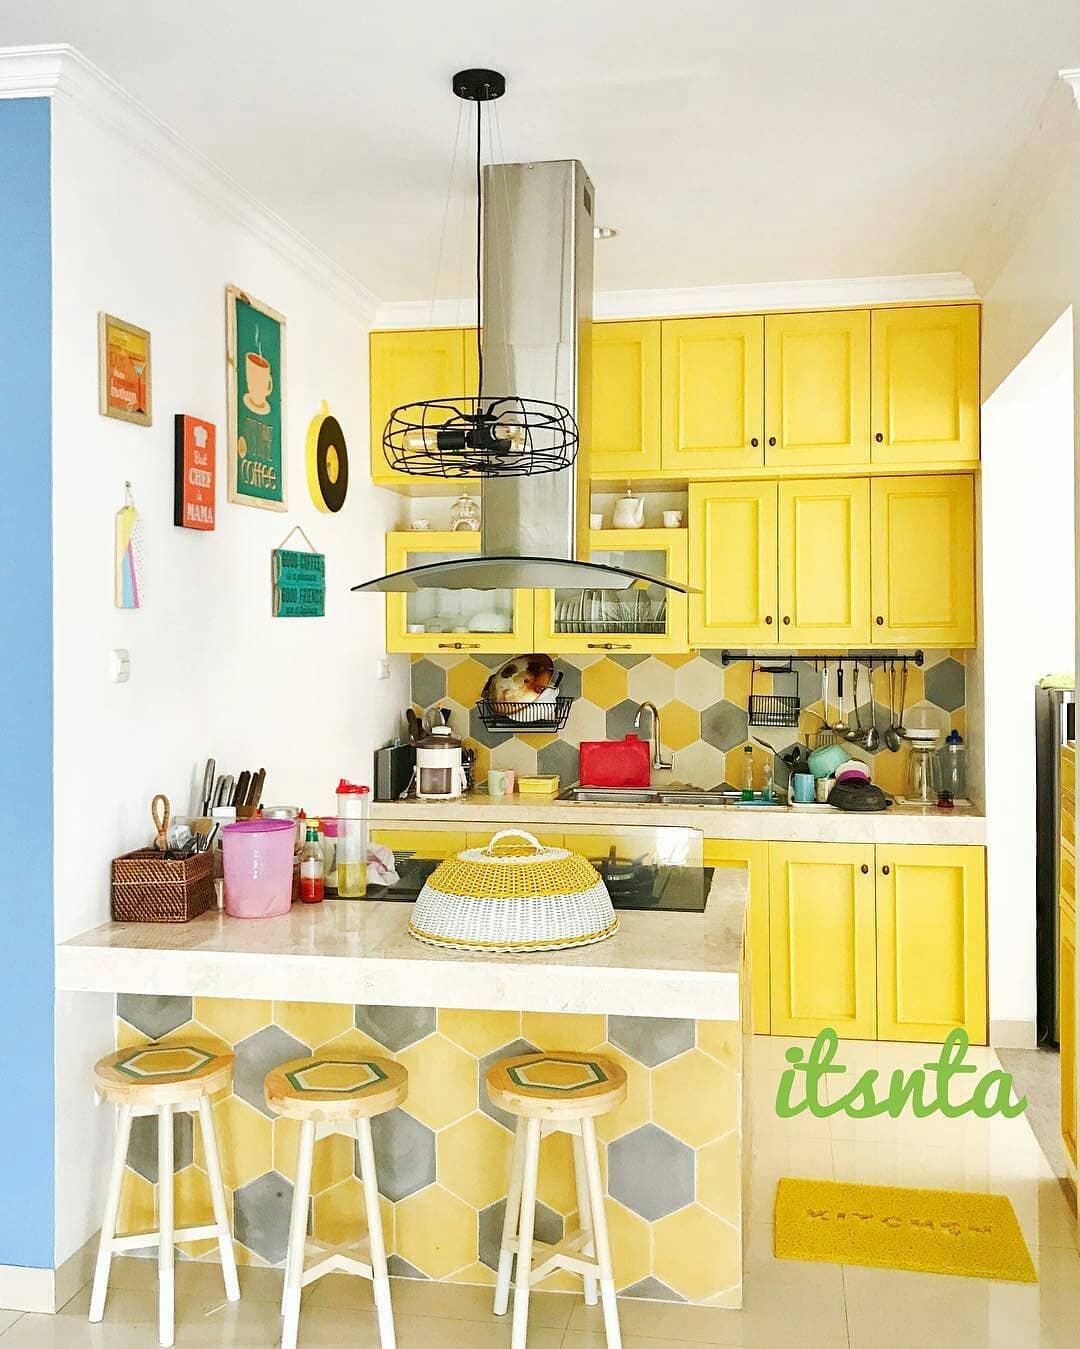 N Desain Foto Dapur Mungil Warna Kuning Co Untuk Rumah